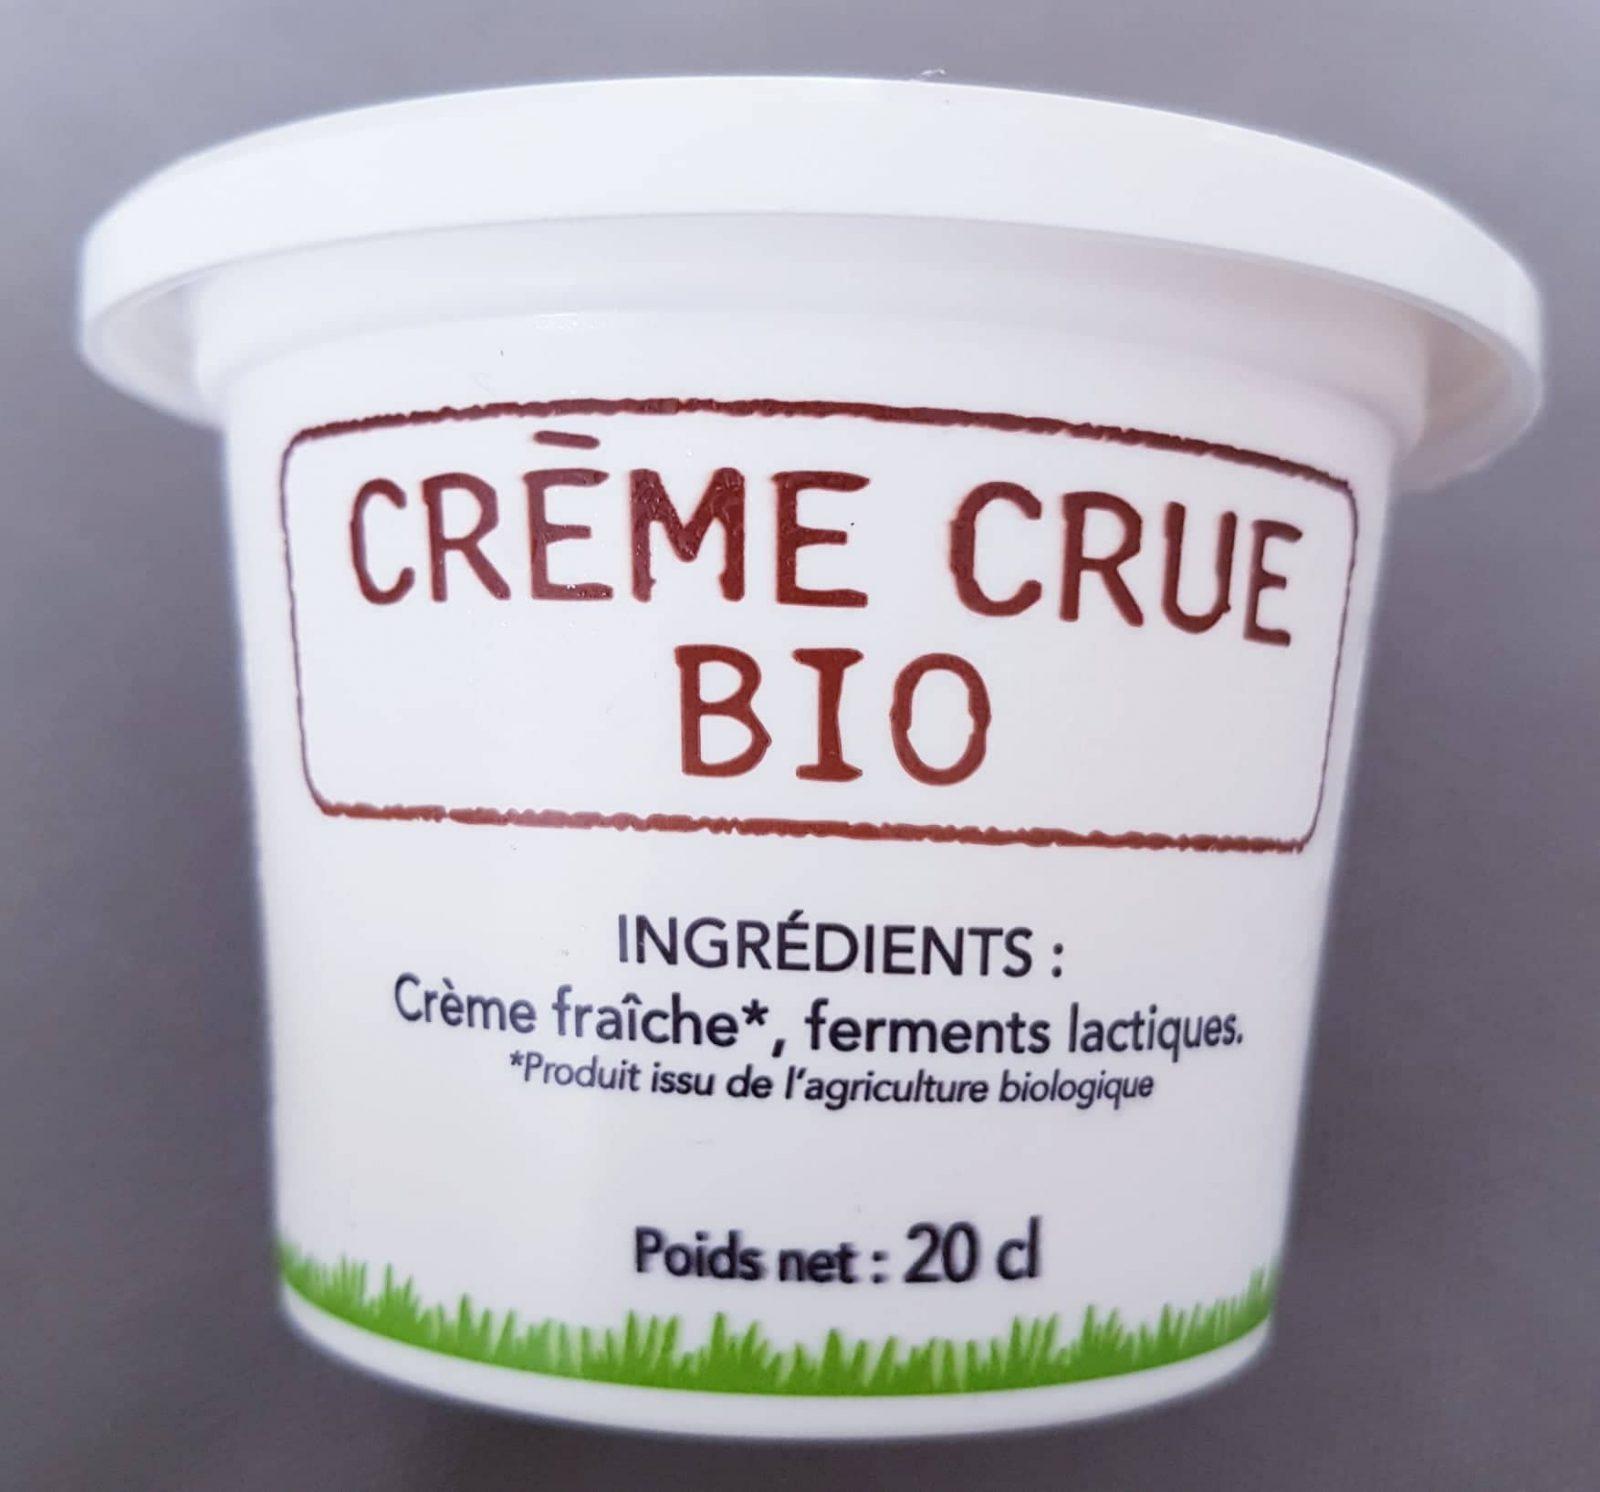 Crème Crue BIO (20cl)